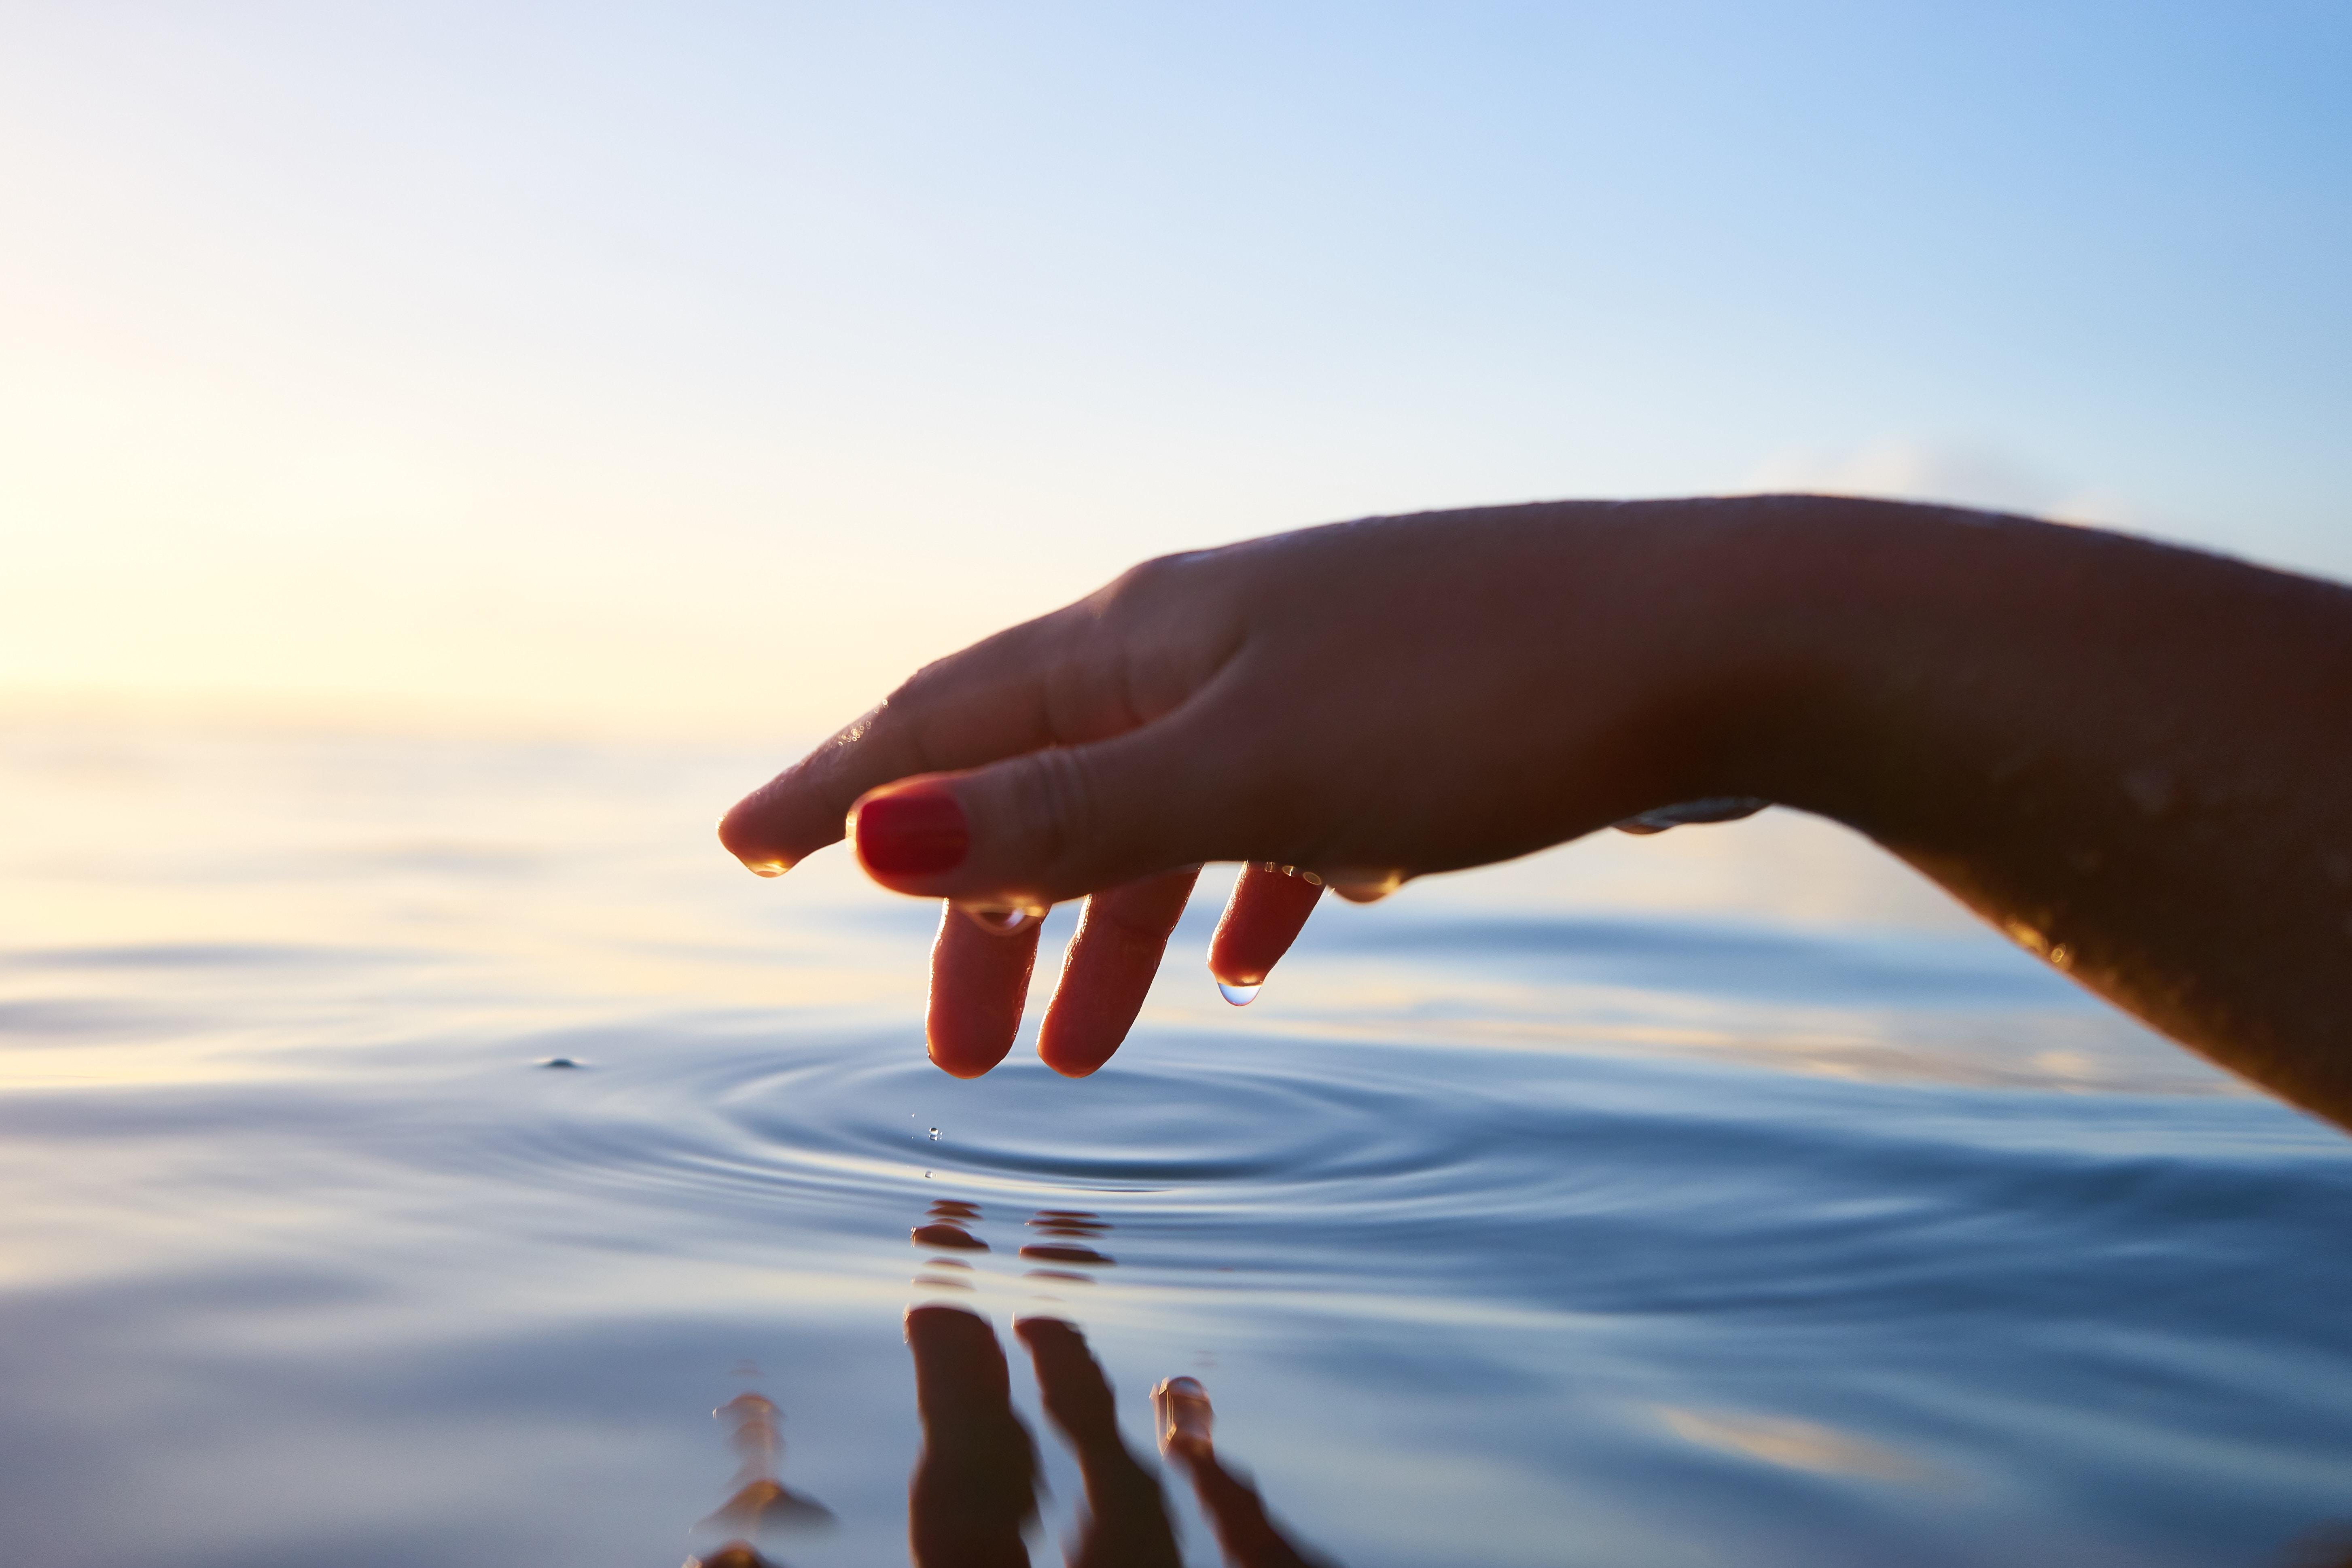 Mennyire számít igazából a vízfogyasztás a testsúlycsökkenés tekintetében?